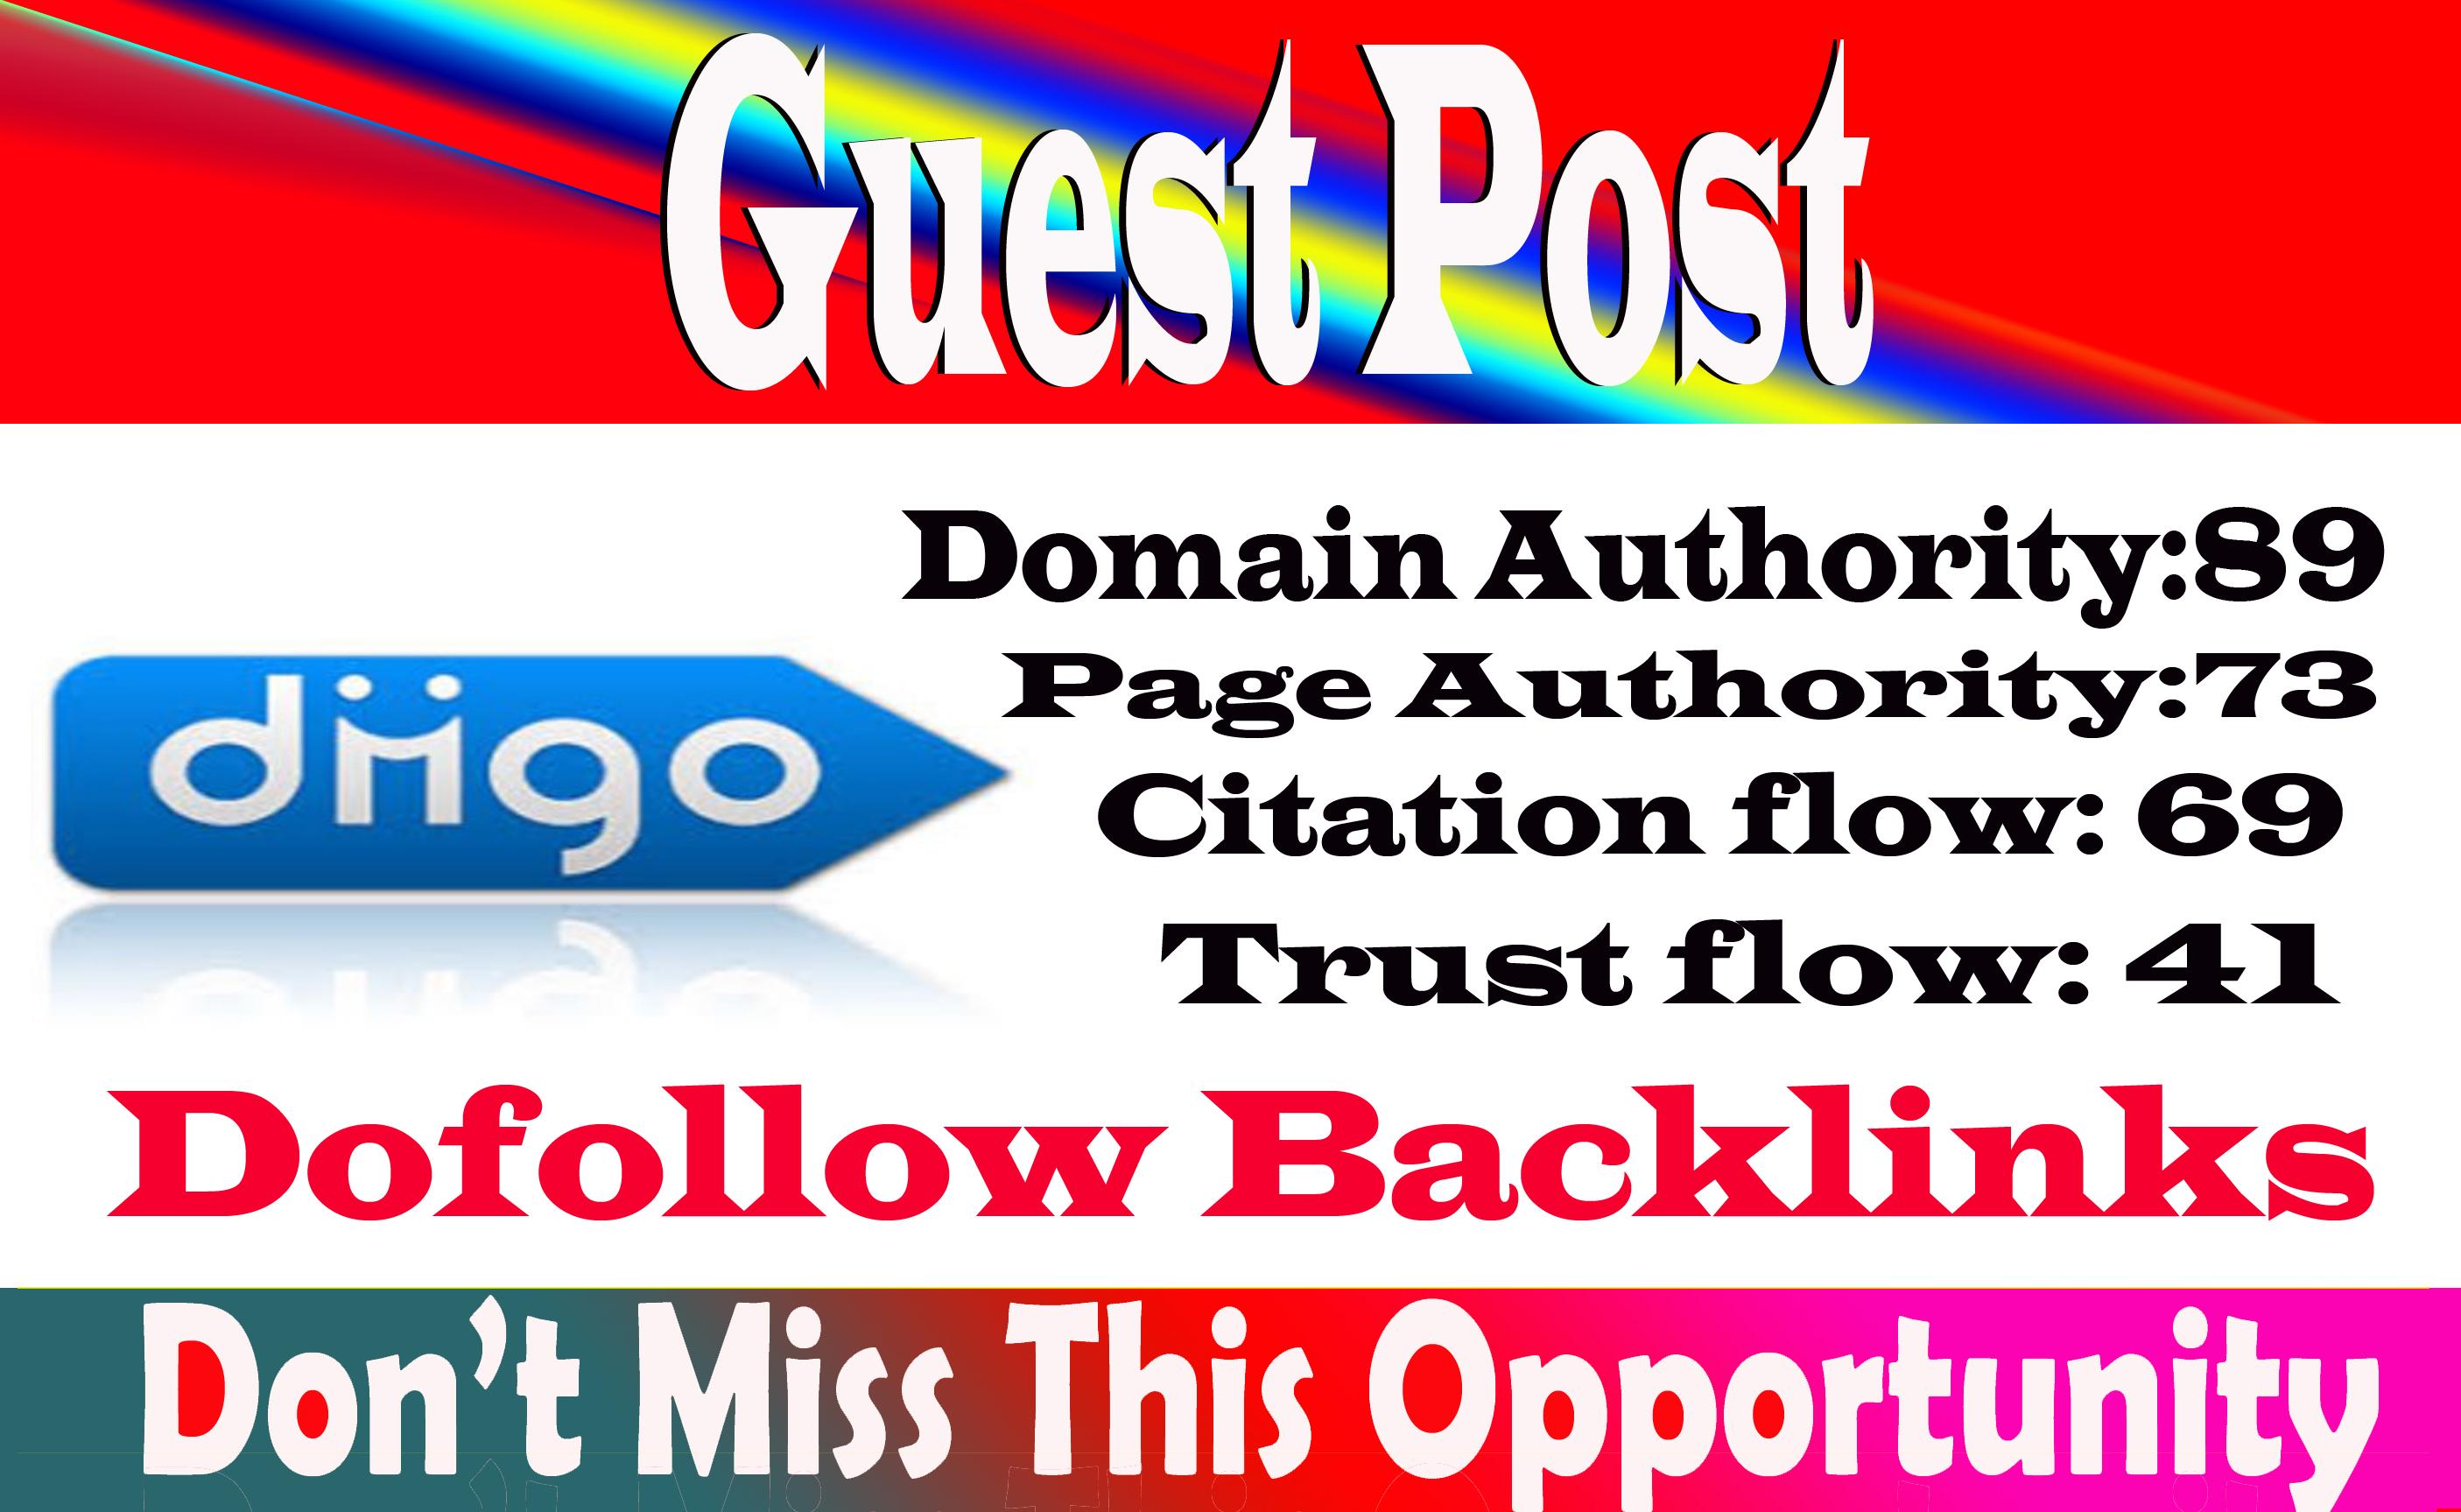 write and publish a Dofoll0w guest post Diigo,  diigo. com DA 89 With permanent strong backlink